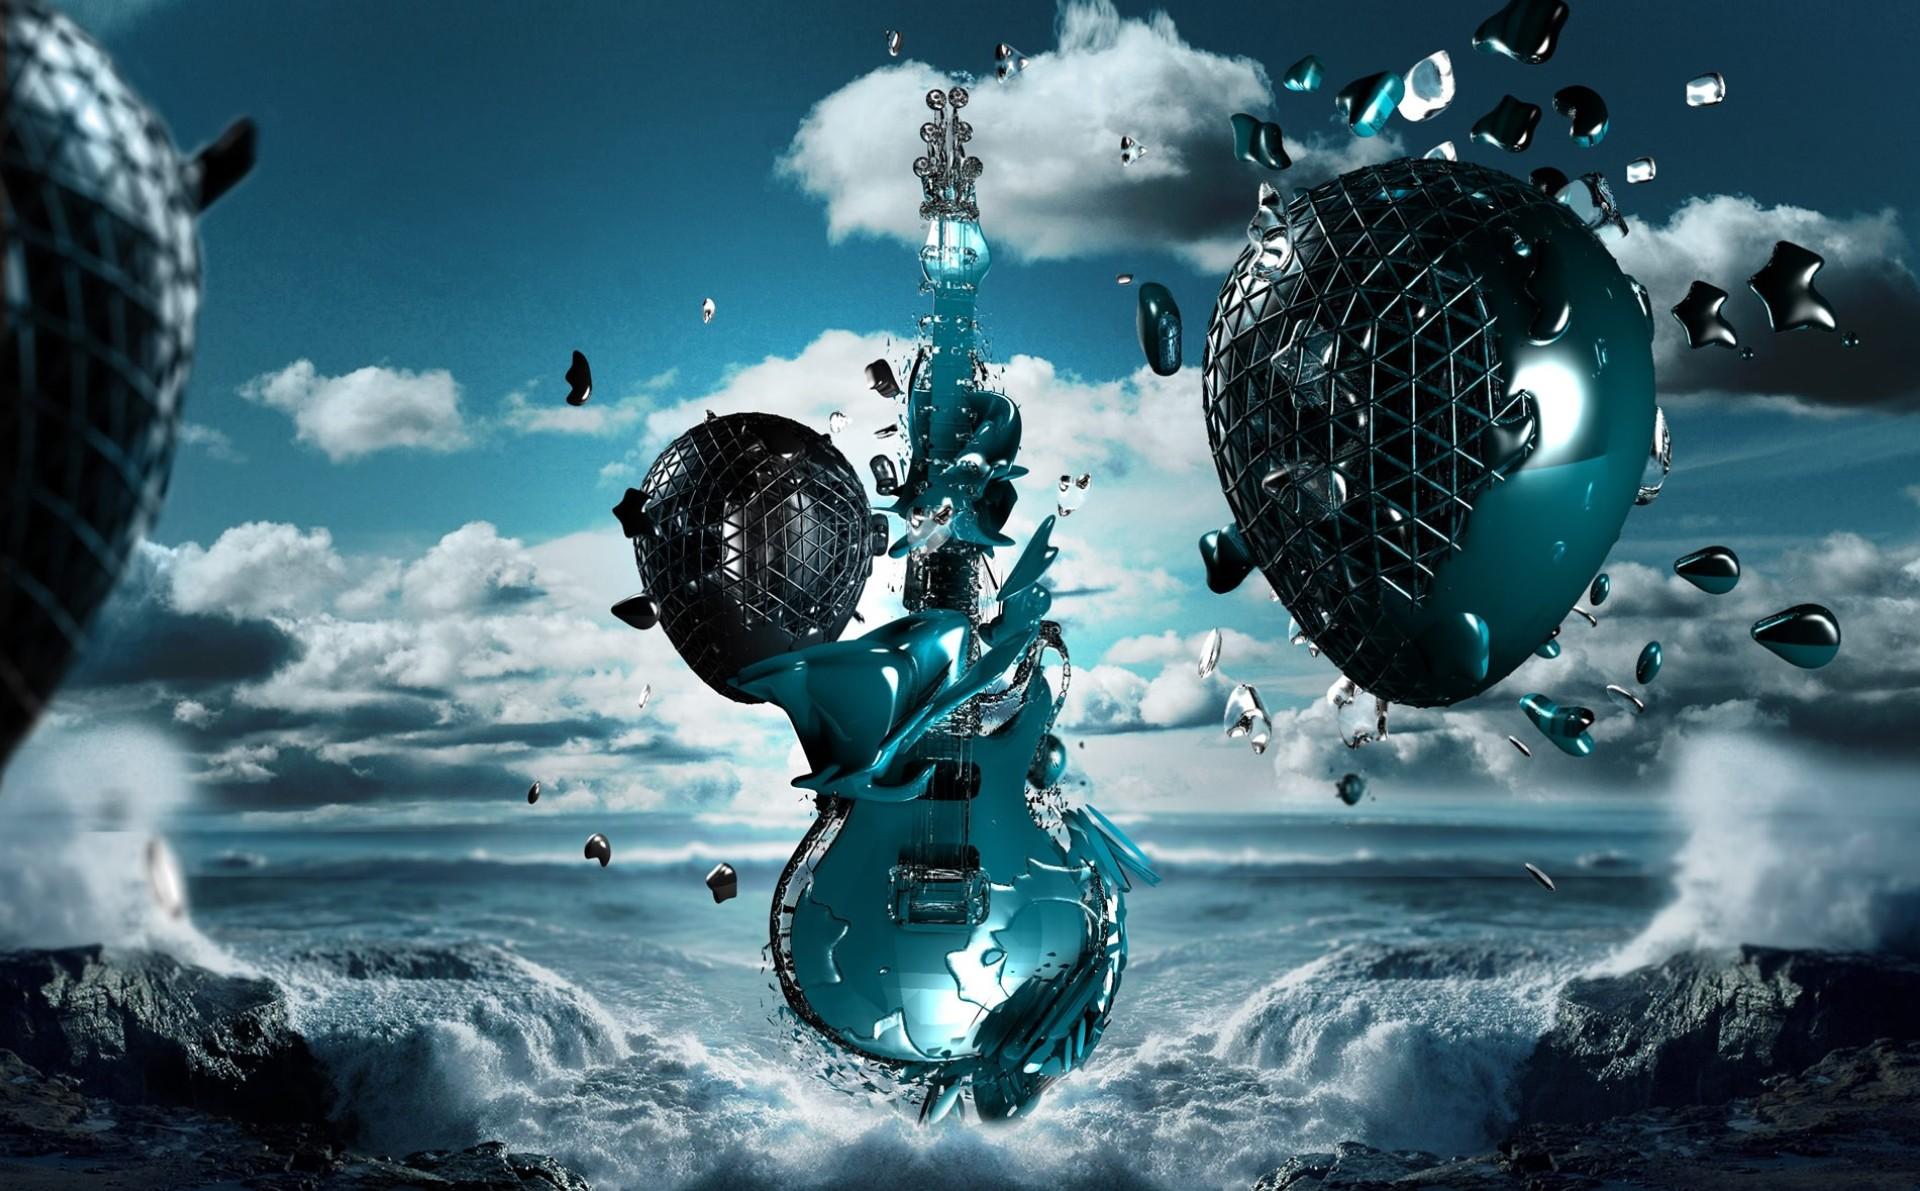 3d Wallpaper Music Sf Wallpaper